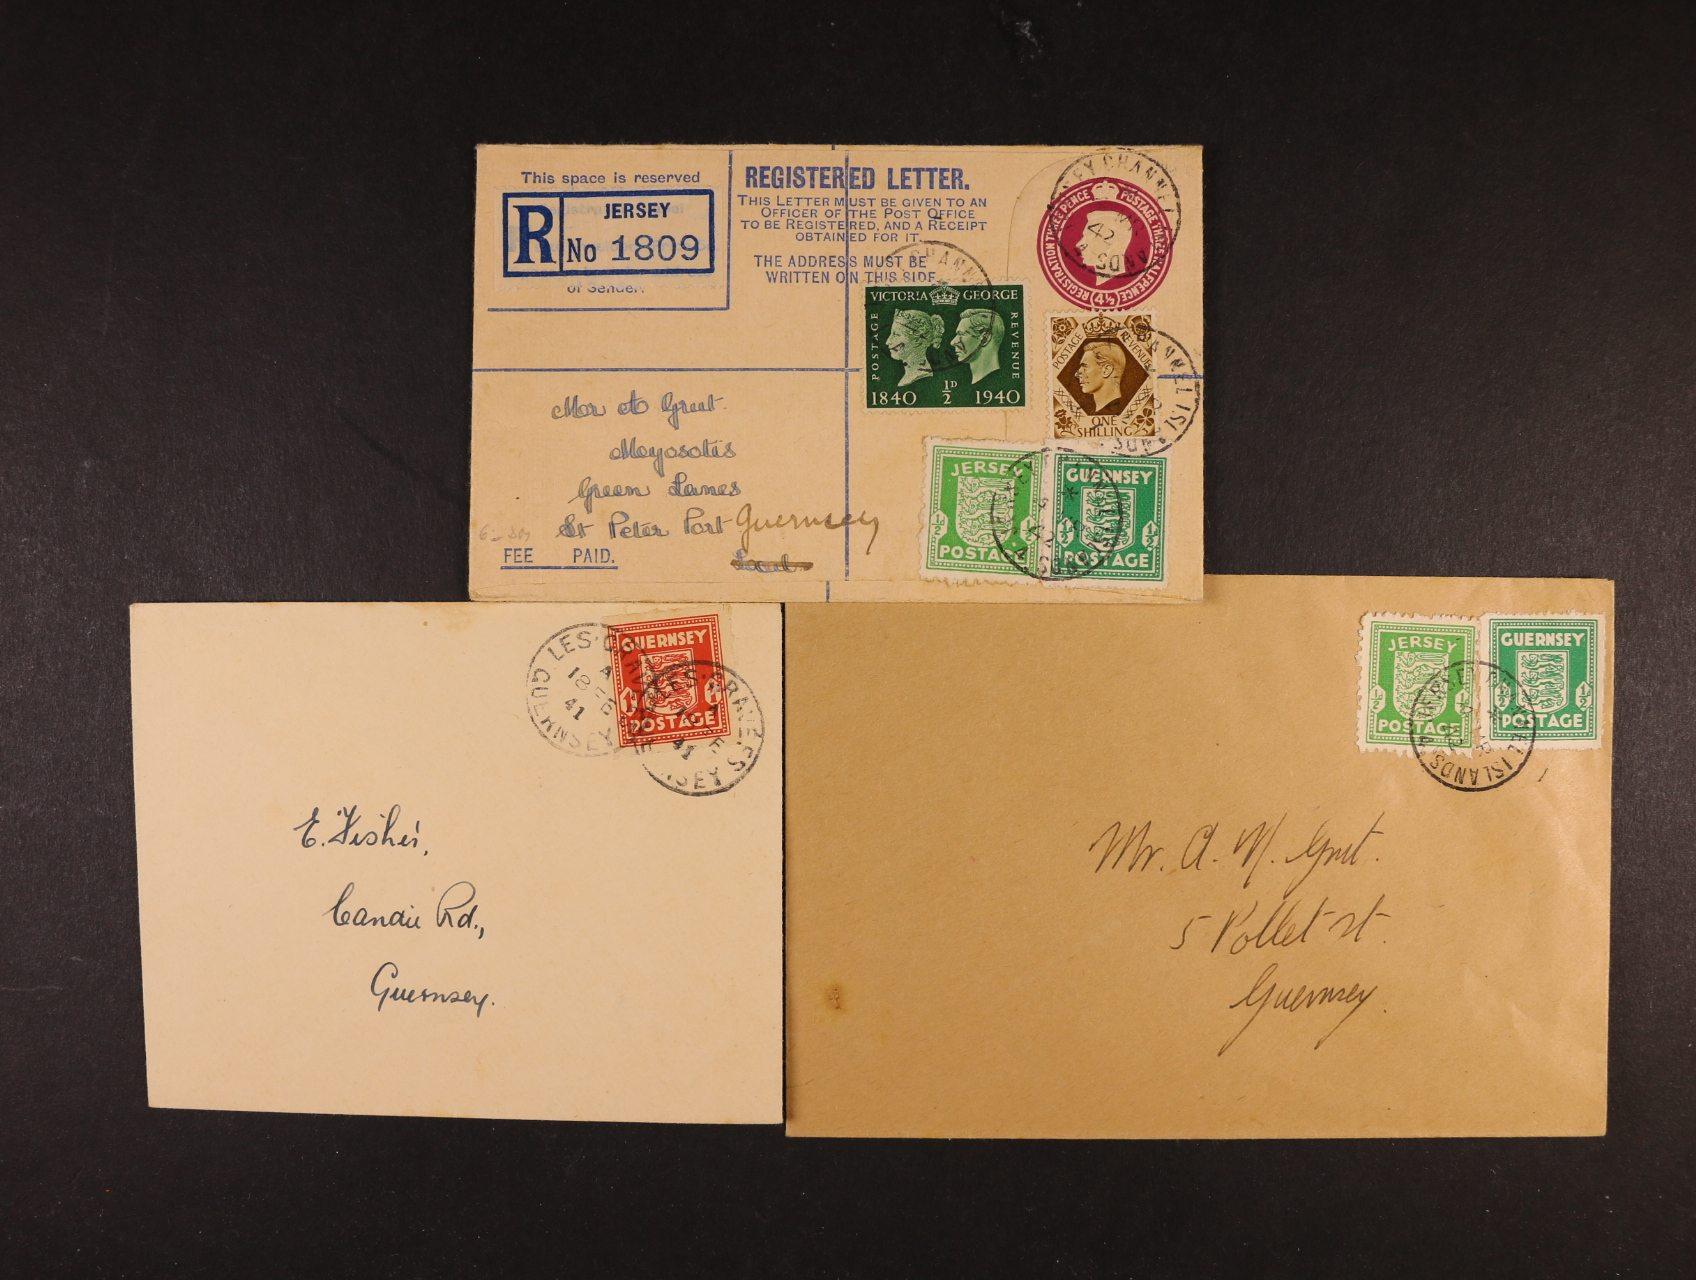 Guernsey - Jersey - sestava 3 ks dopisů (1x RECO) z let 1941 - 42, frank. mj. zn. Guernsey a Jersey, dobrá kvalita, zajímavé